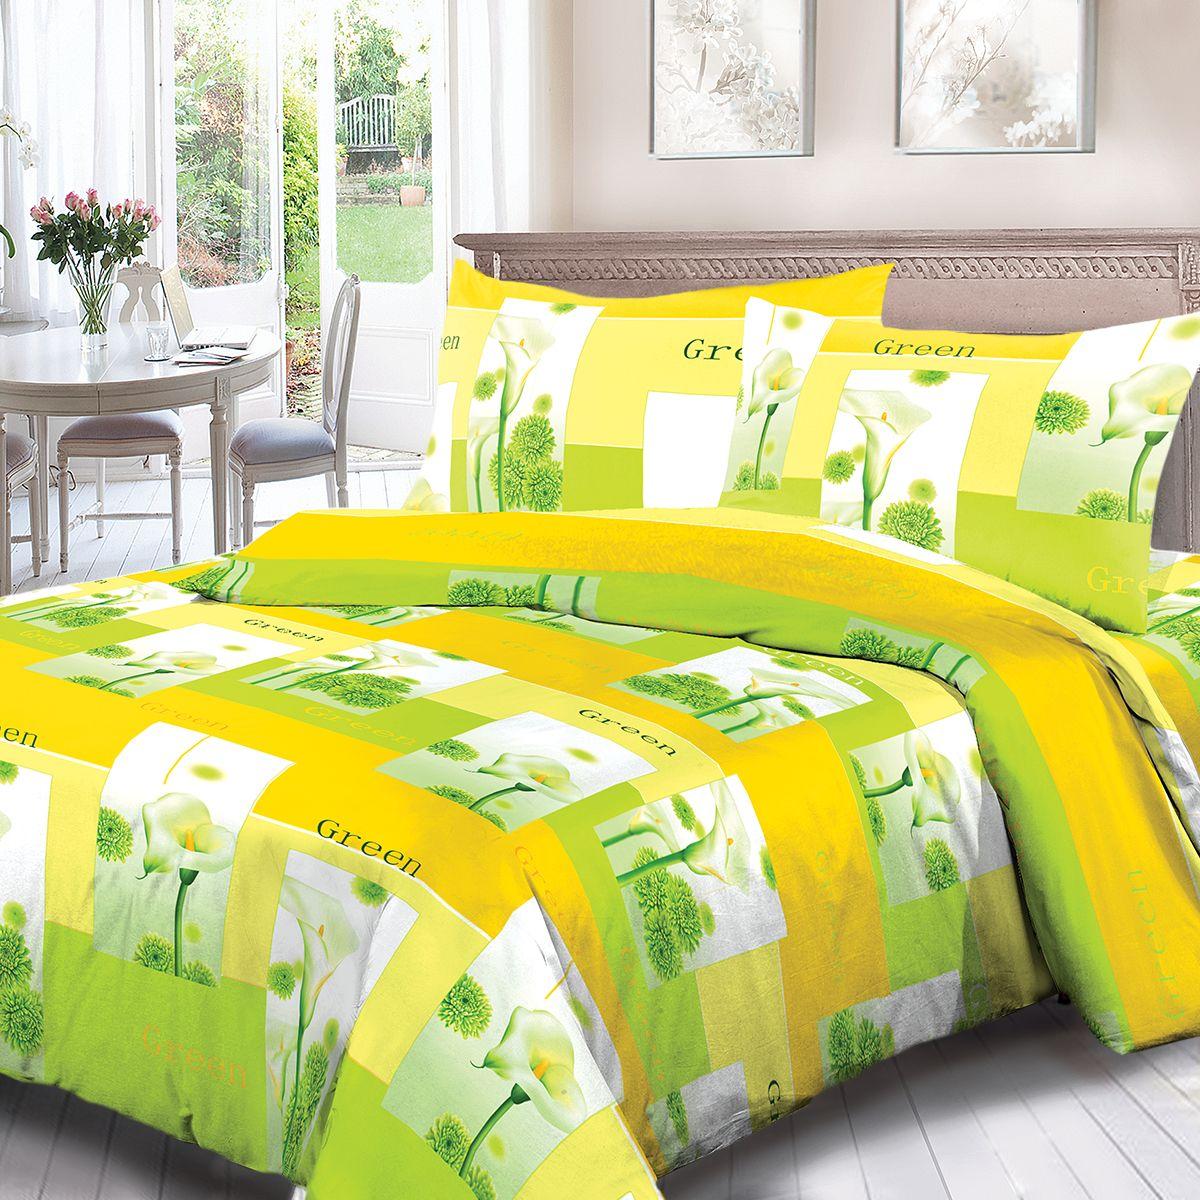 Комплект белья Для Снов Green, семейный, наволочки 70x70, цвет: желтый. 1537-384349